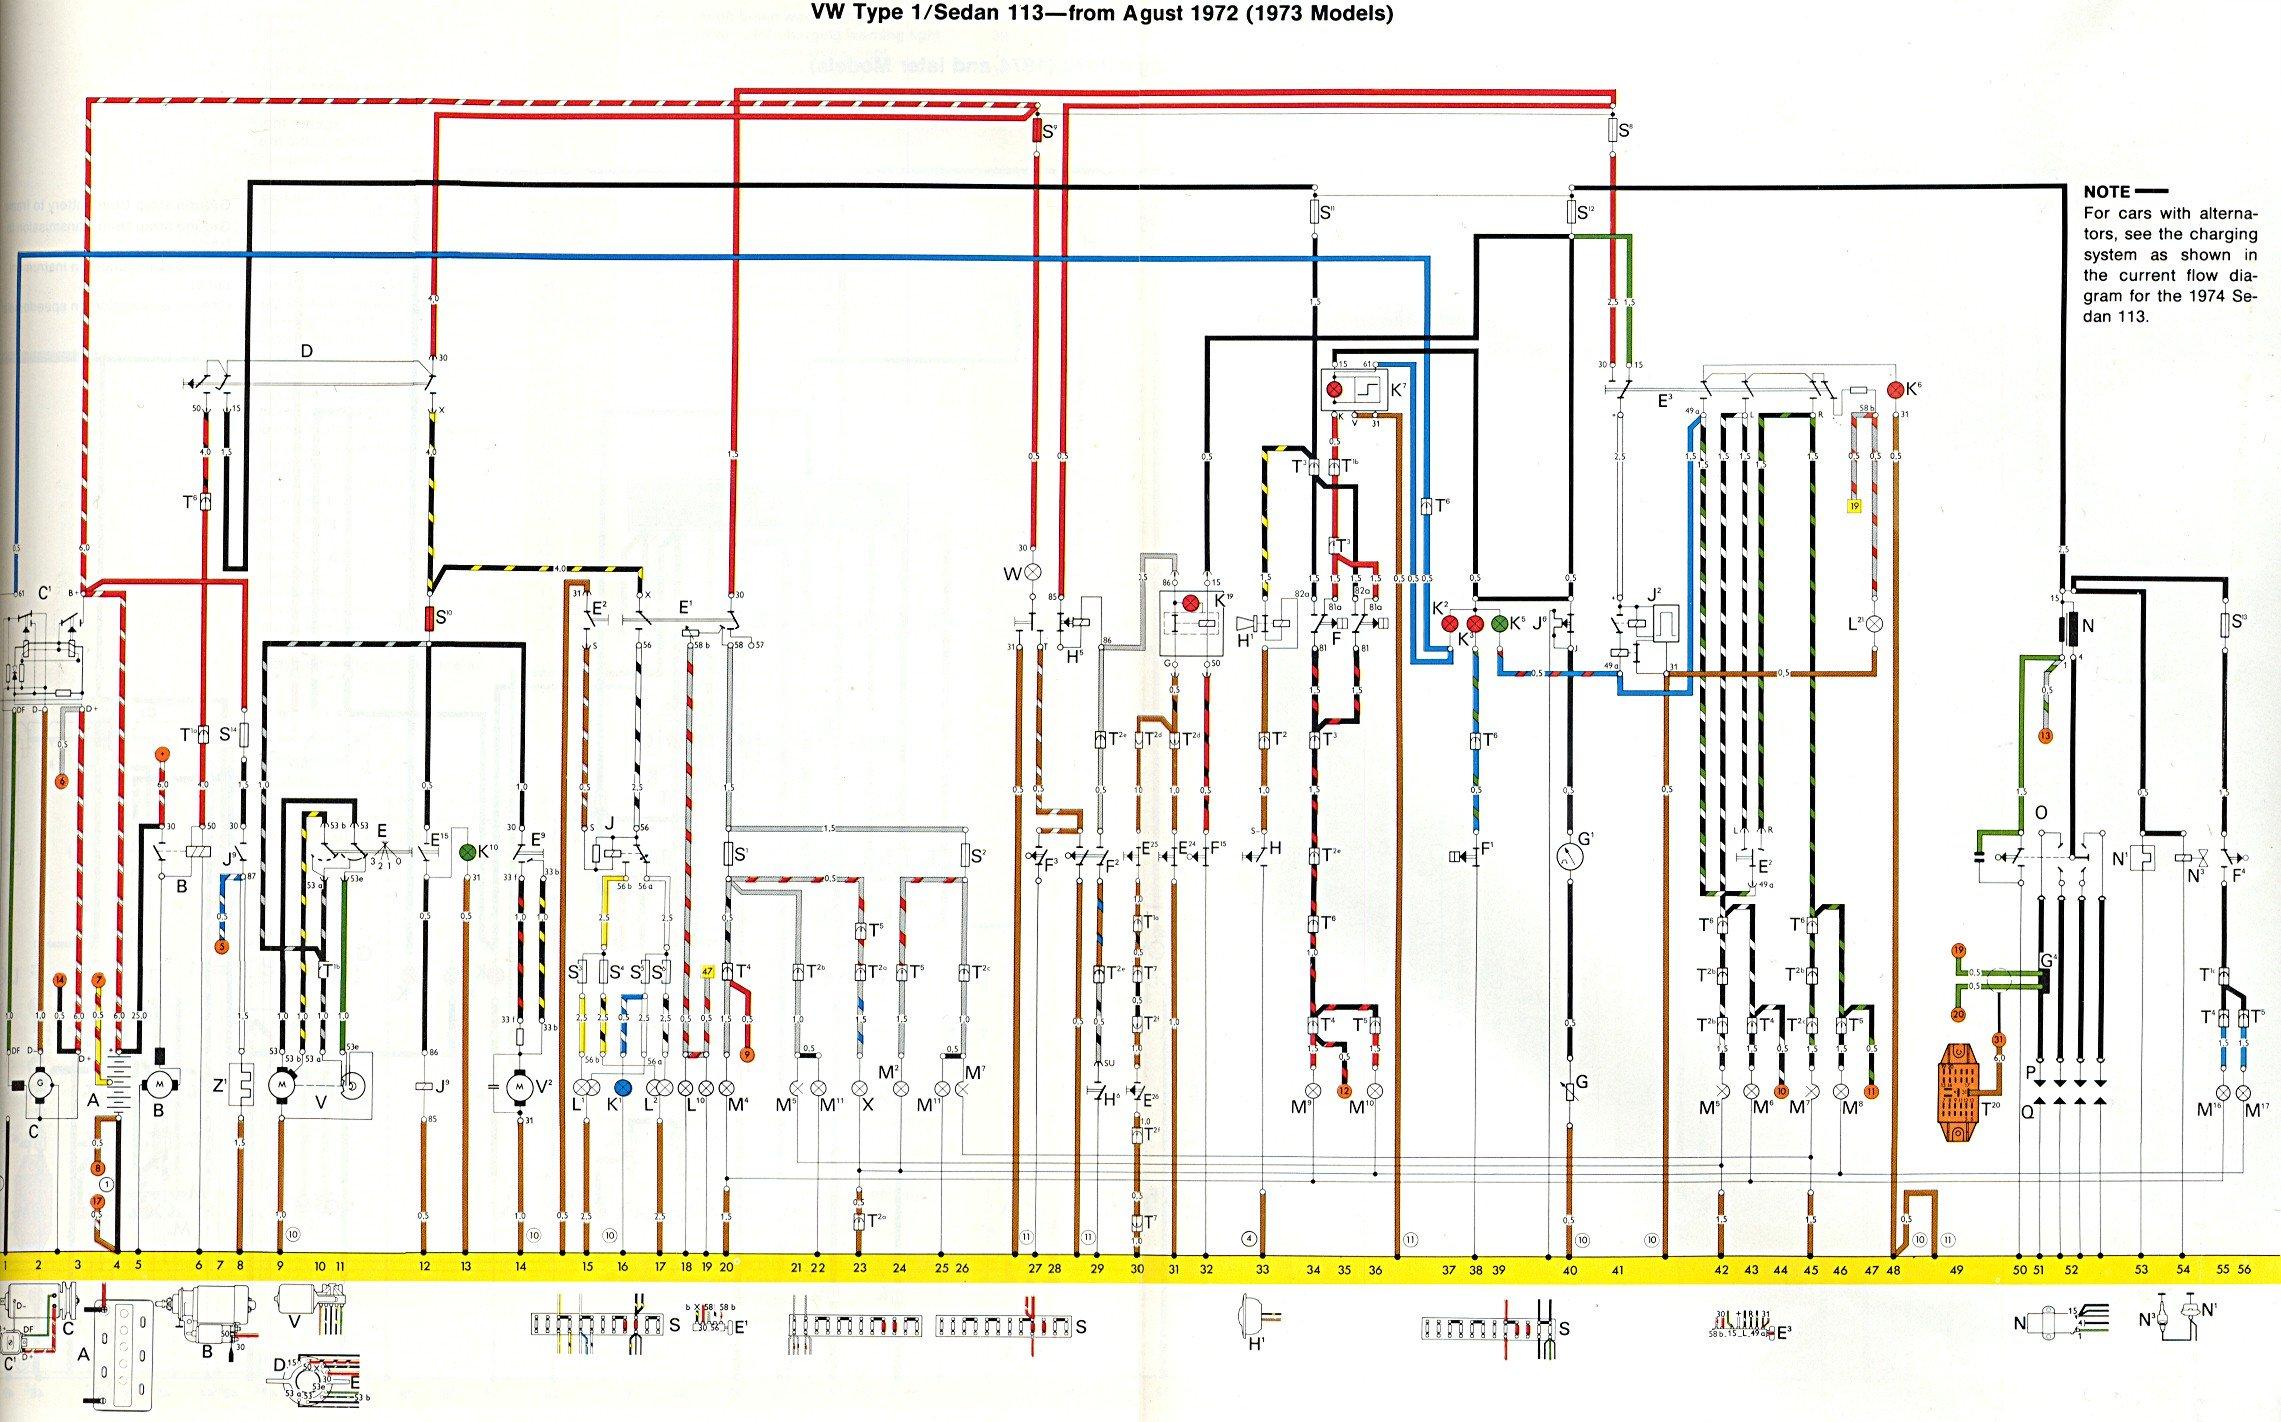 vw beetle wiring diagram 1973 general motors diagrams 39s 43 key schematic